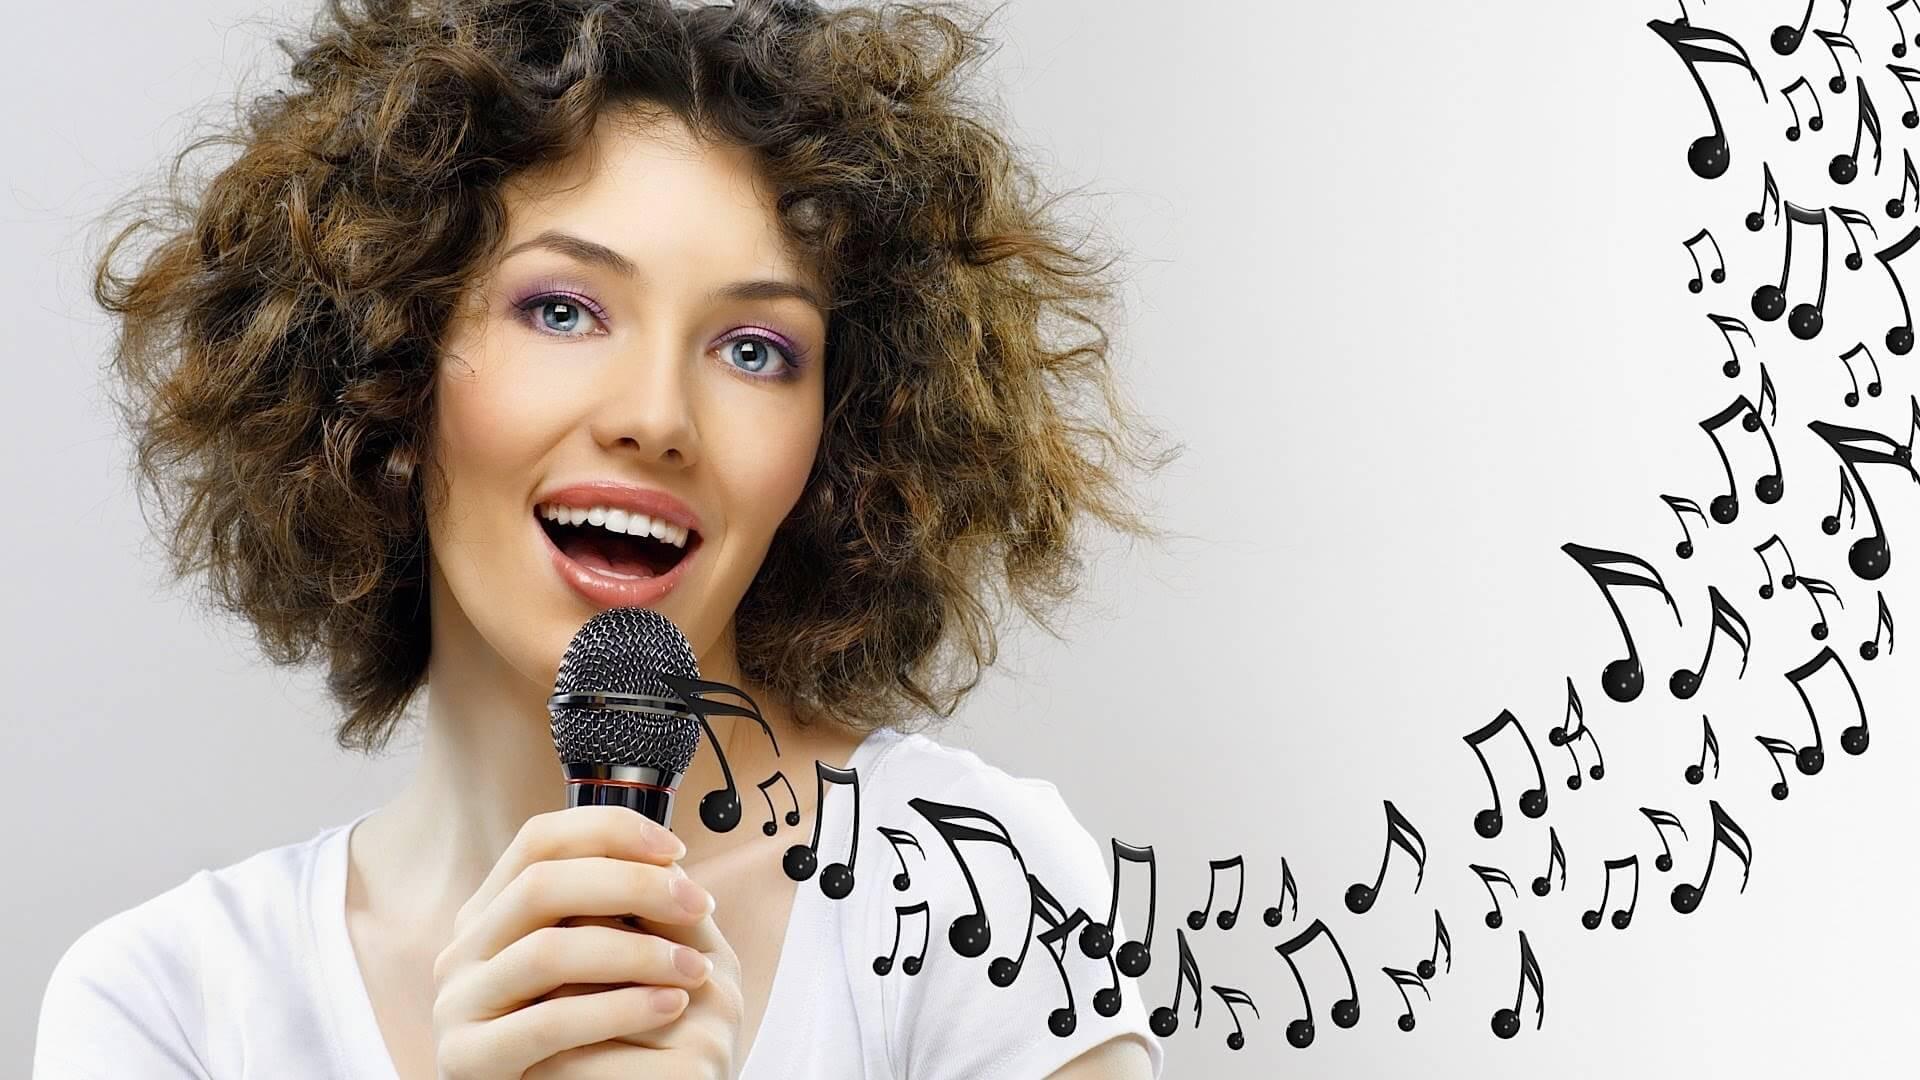 Cách khắc phục giọng hát yếu đơn giản tại nhà